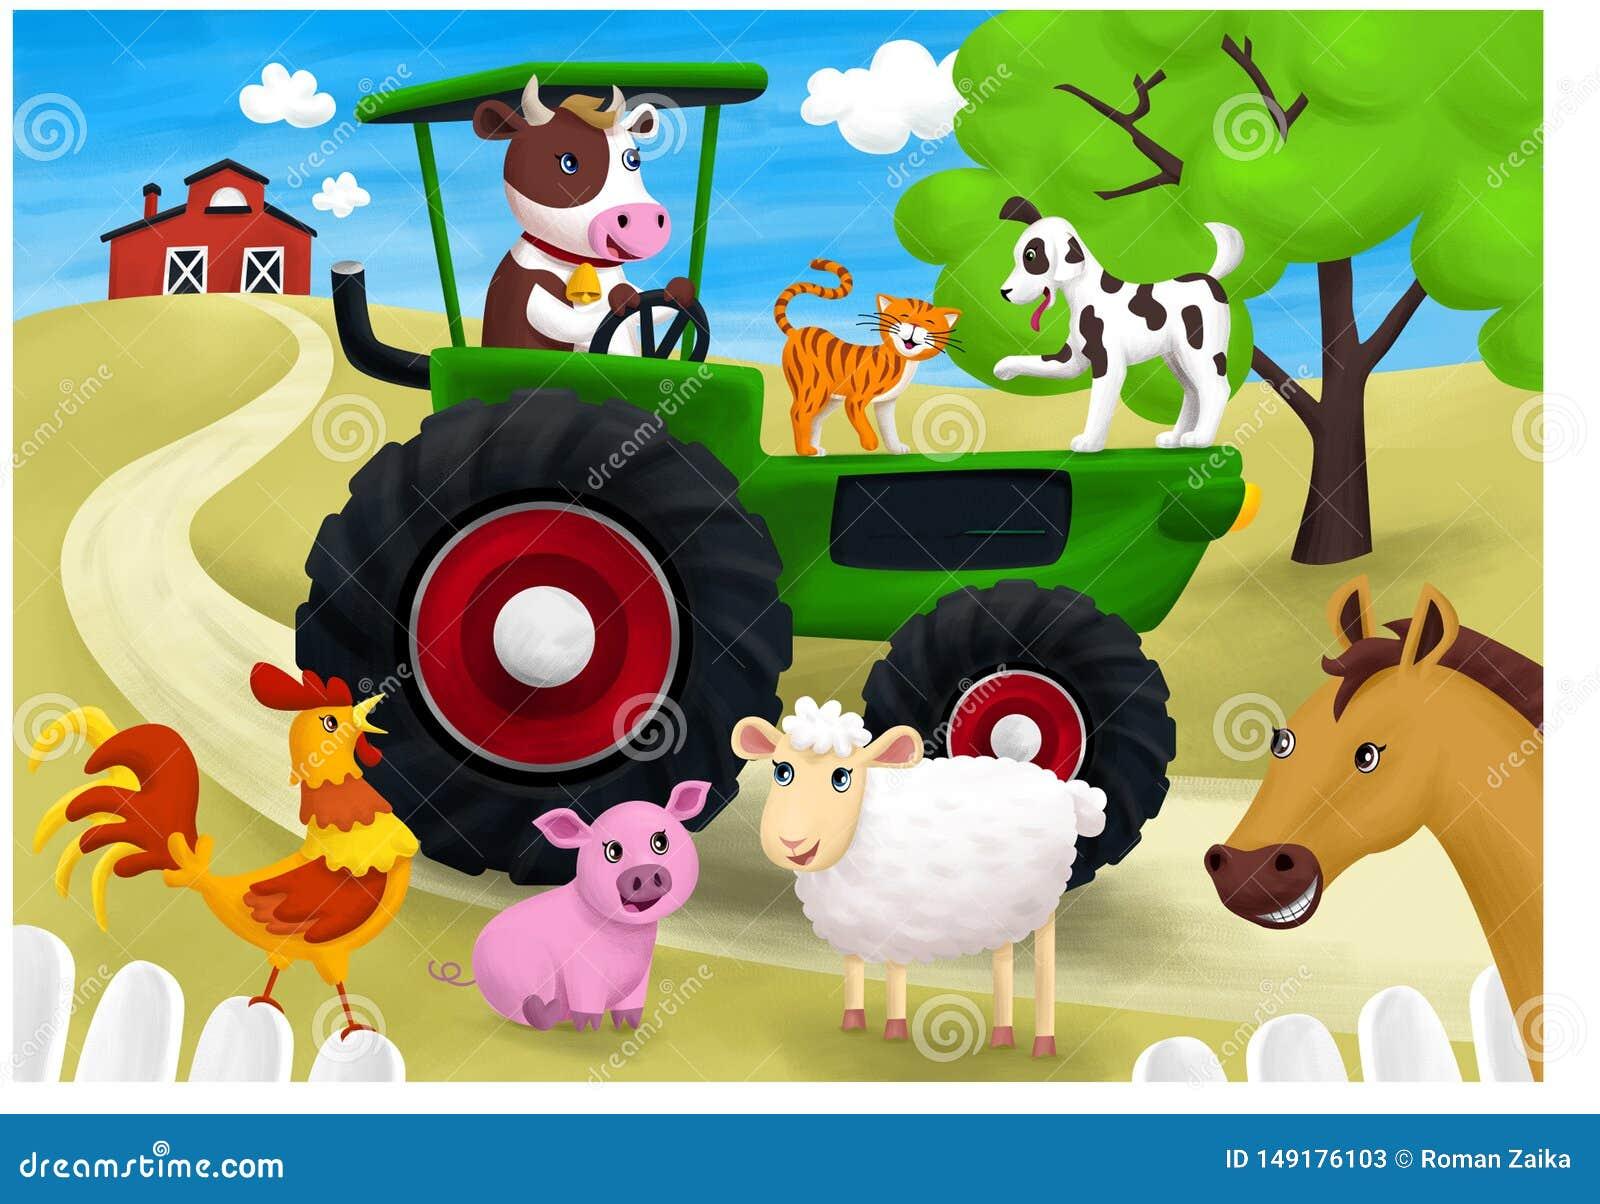 Groene tractor en vele dieren op mijn landbouwbedrijf , illustratie